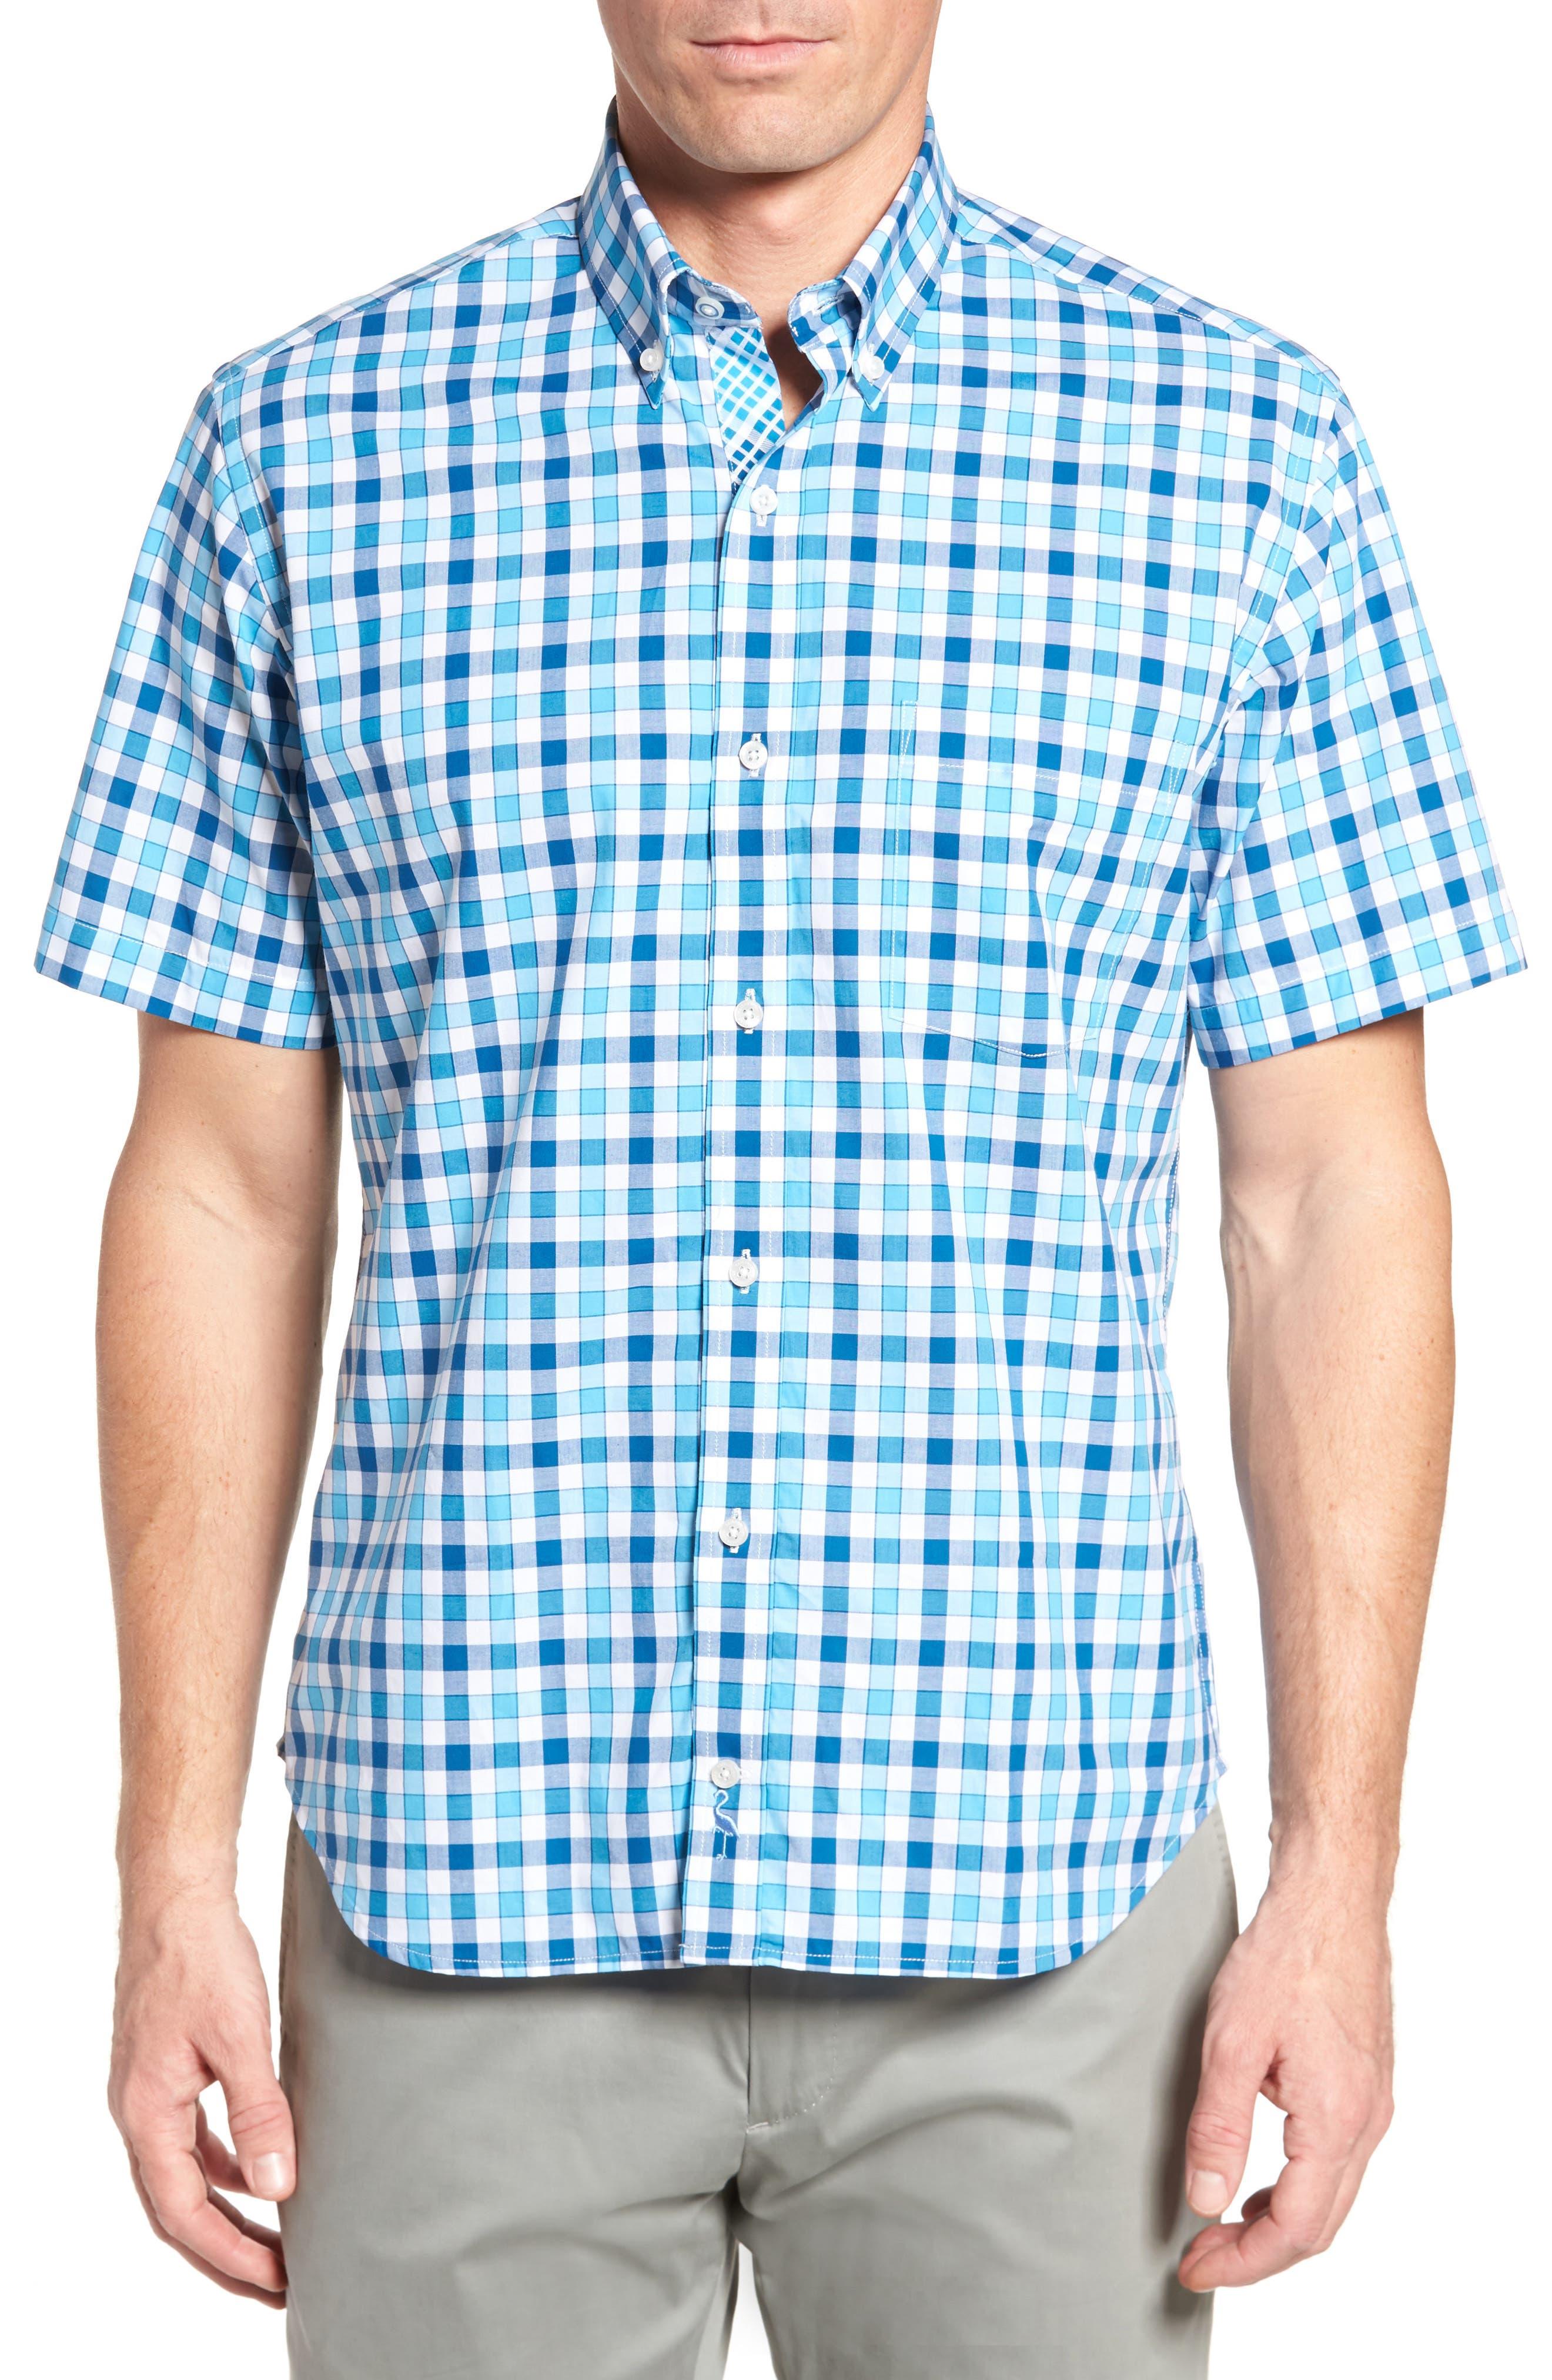 West We Go Regular Fit Plaid Sport Shirt,                             Main thumbnail 1, color,                             Aqua